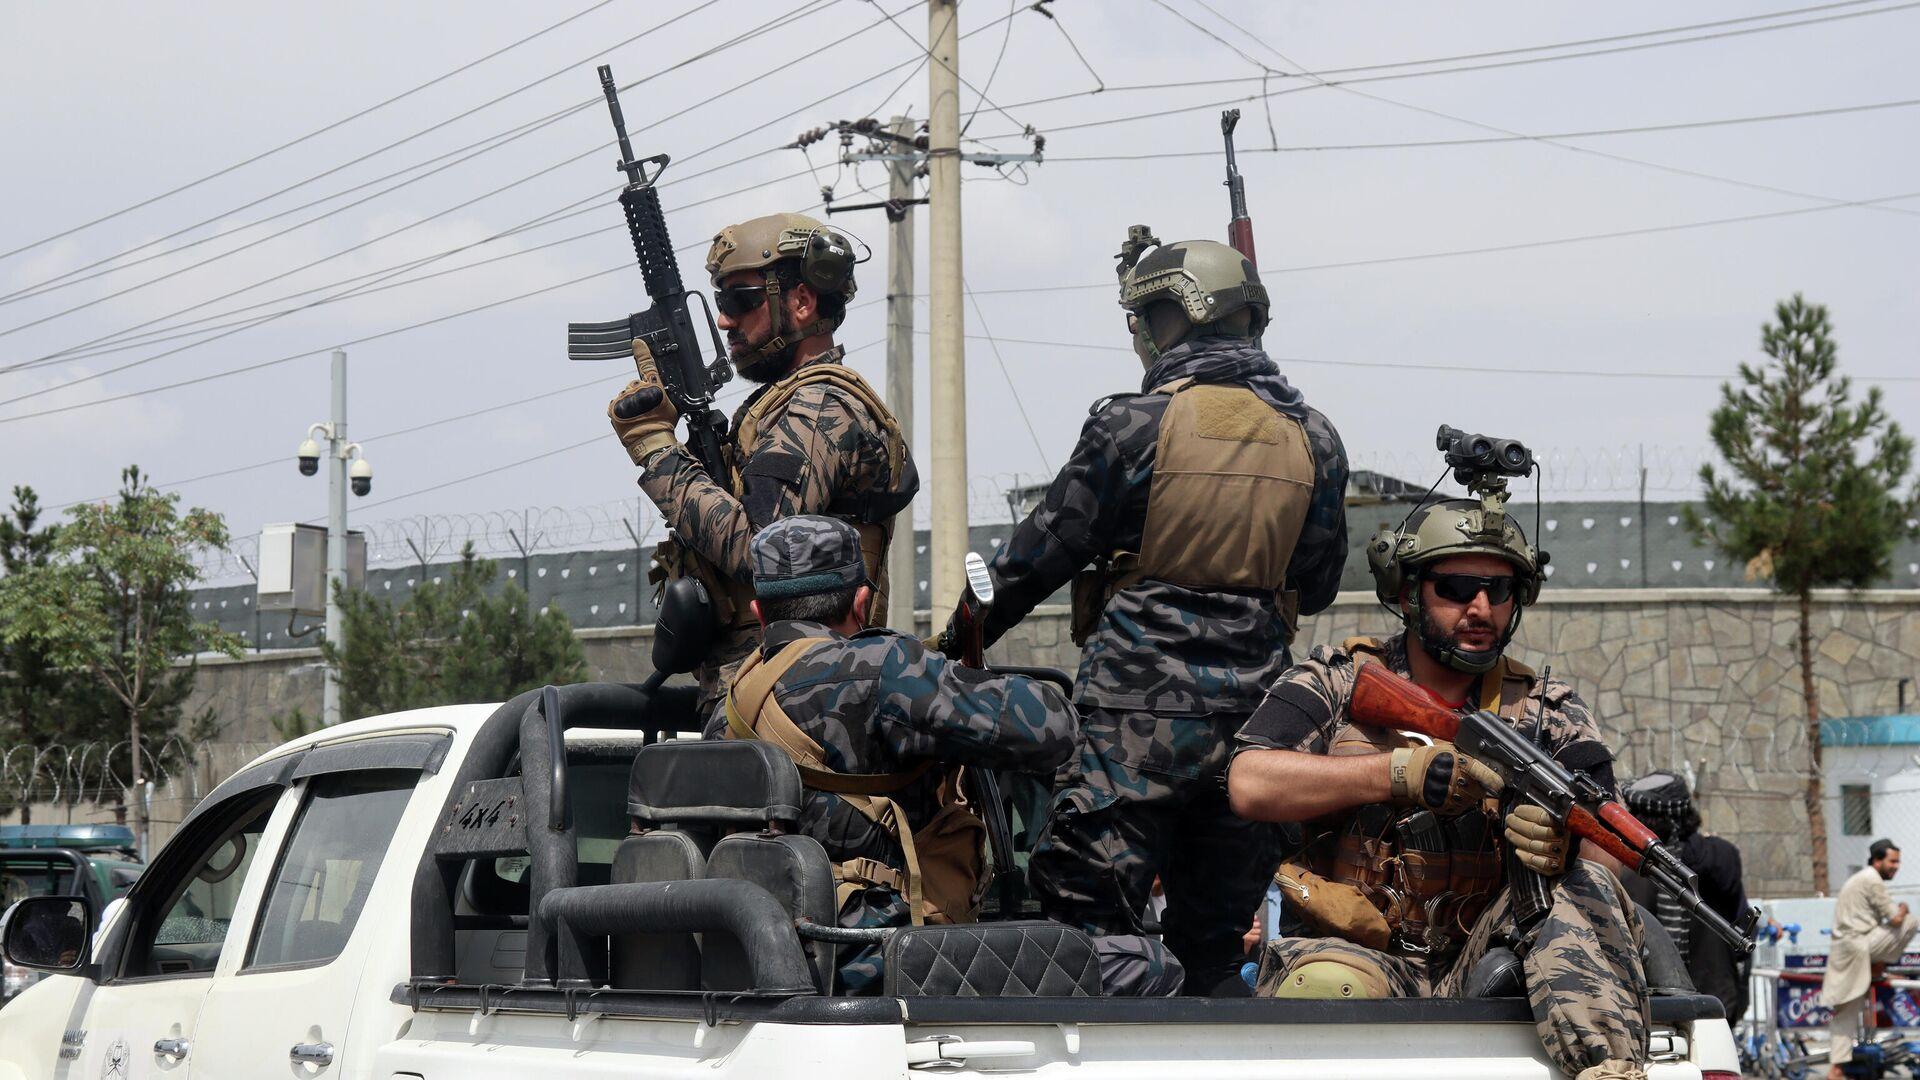 Припадници специјалних снага талибана на аеродрому у Кабулу - Sputnik Србија, 1920, 04.09.2021